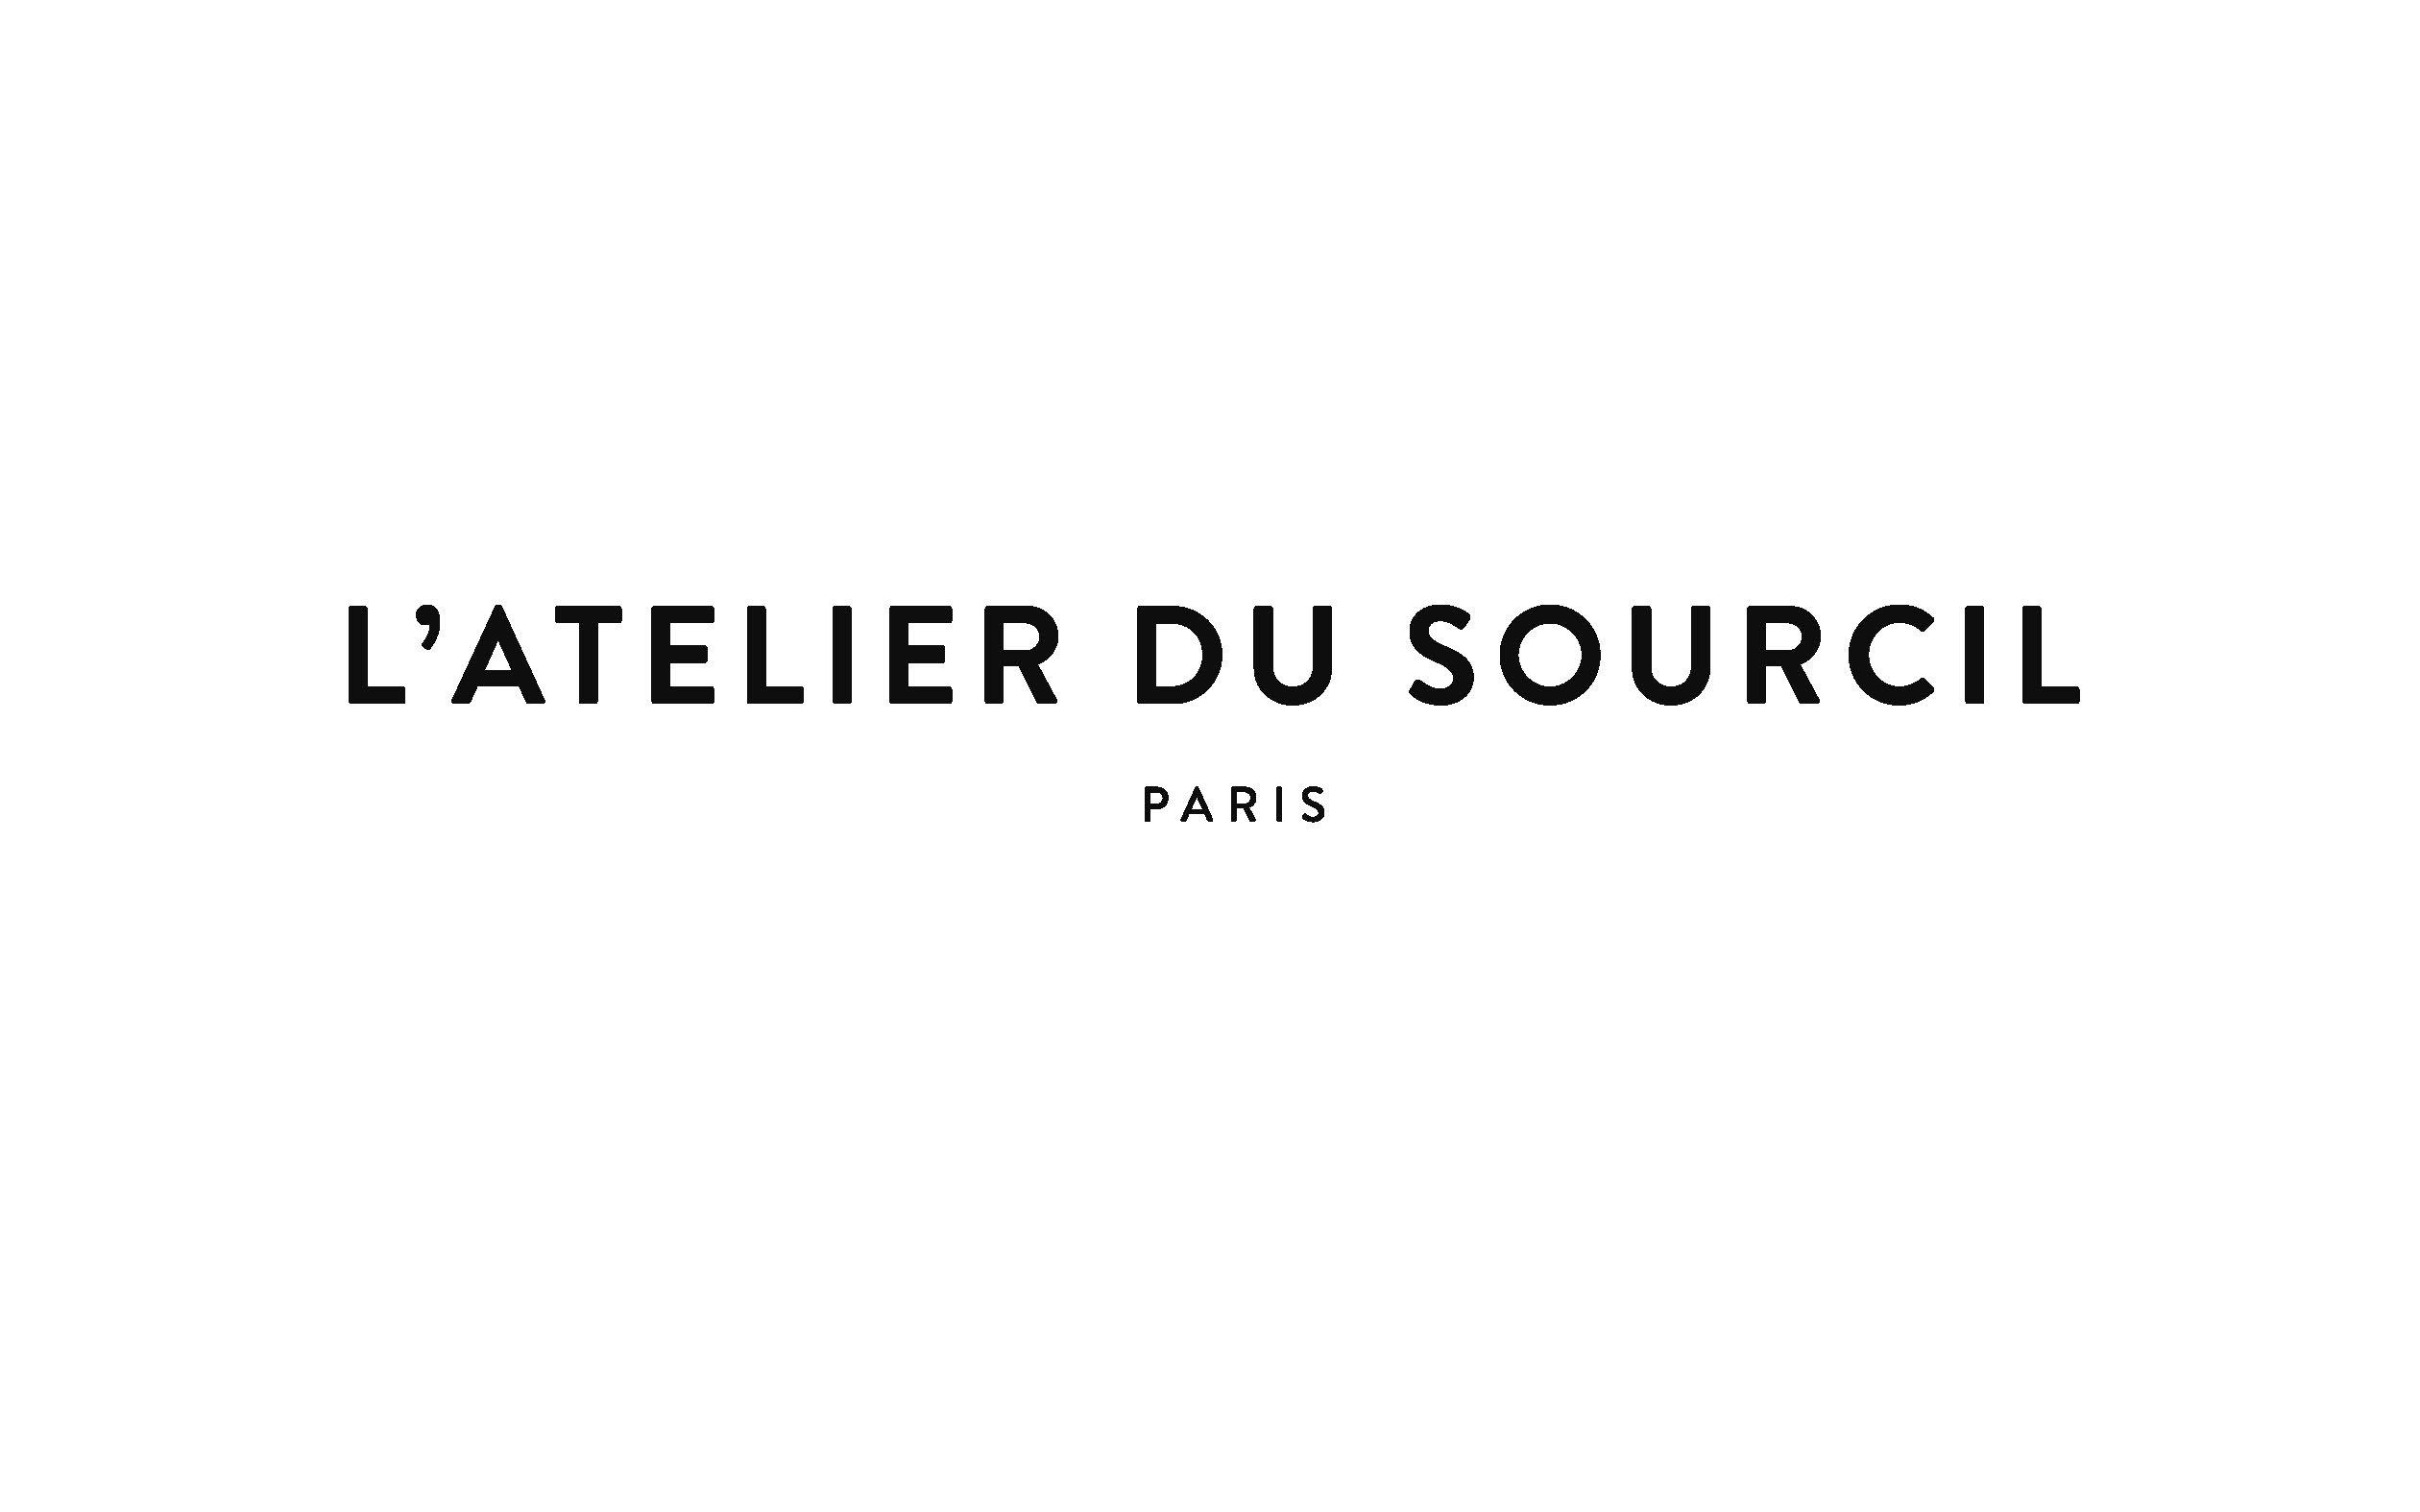 L'Atelier du Sourcil - La Rochelle institut de beauté